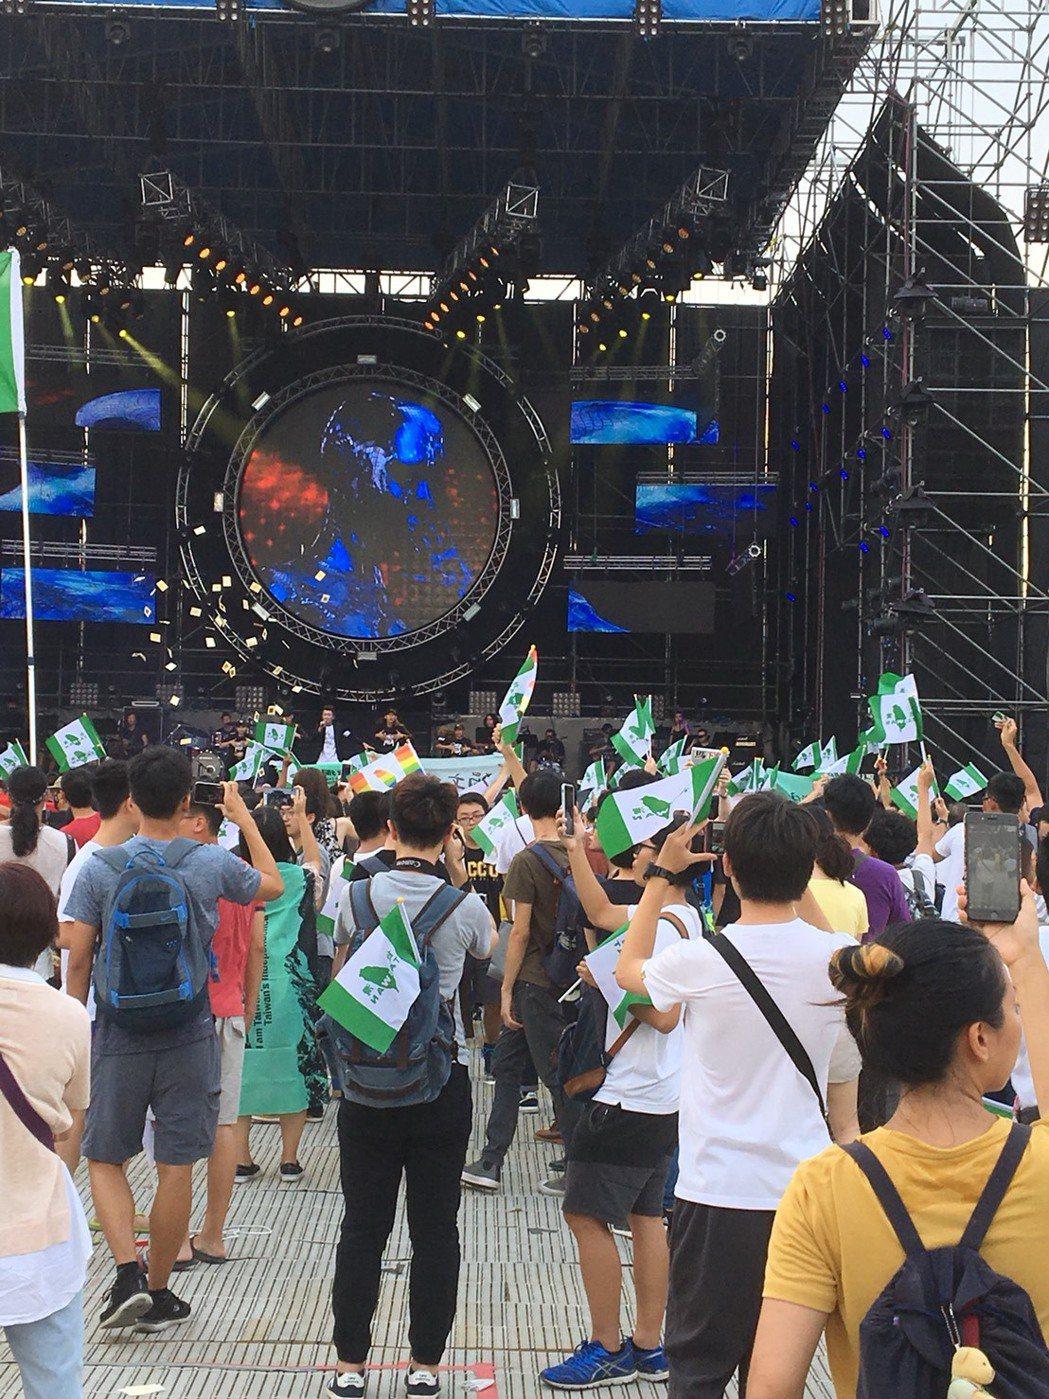 中國新歌聲為何在台大爆衝突?5點Q&A一次看懂